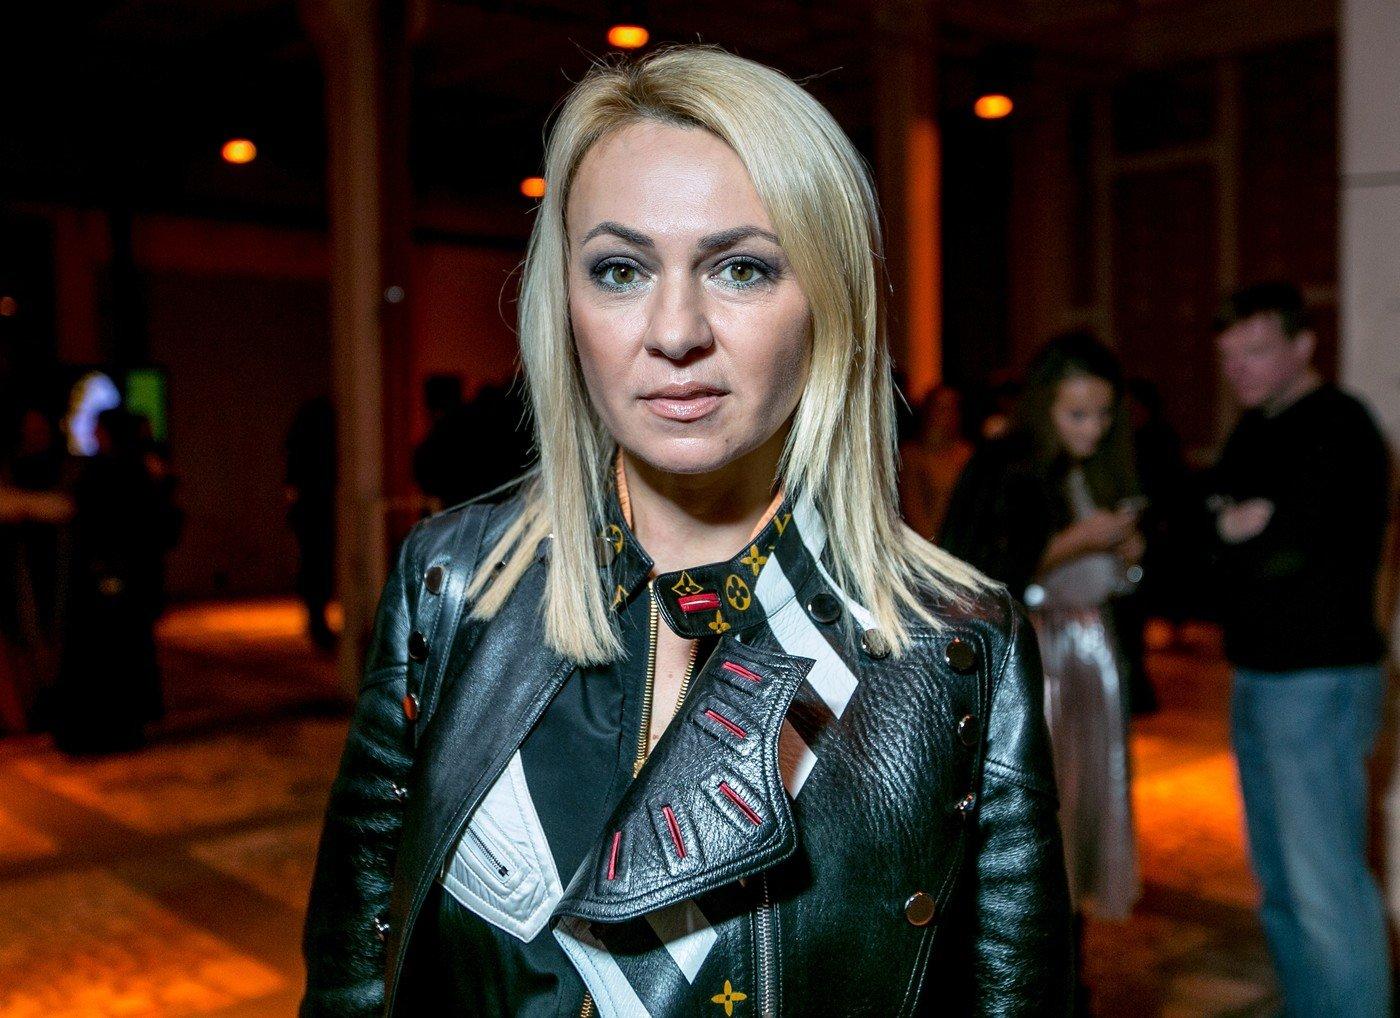 Яна Рудковская появилась на публике в странном наряде с перьями